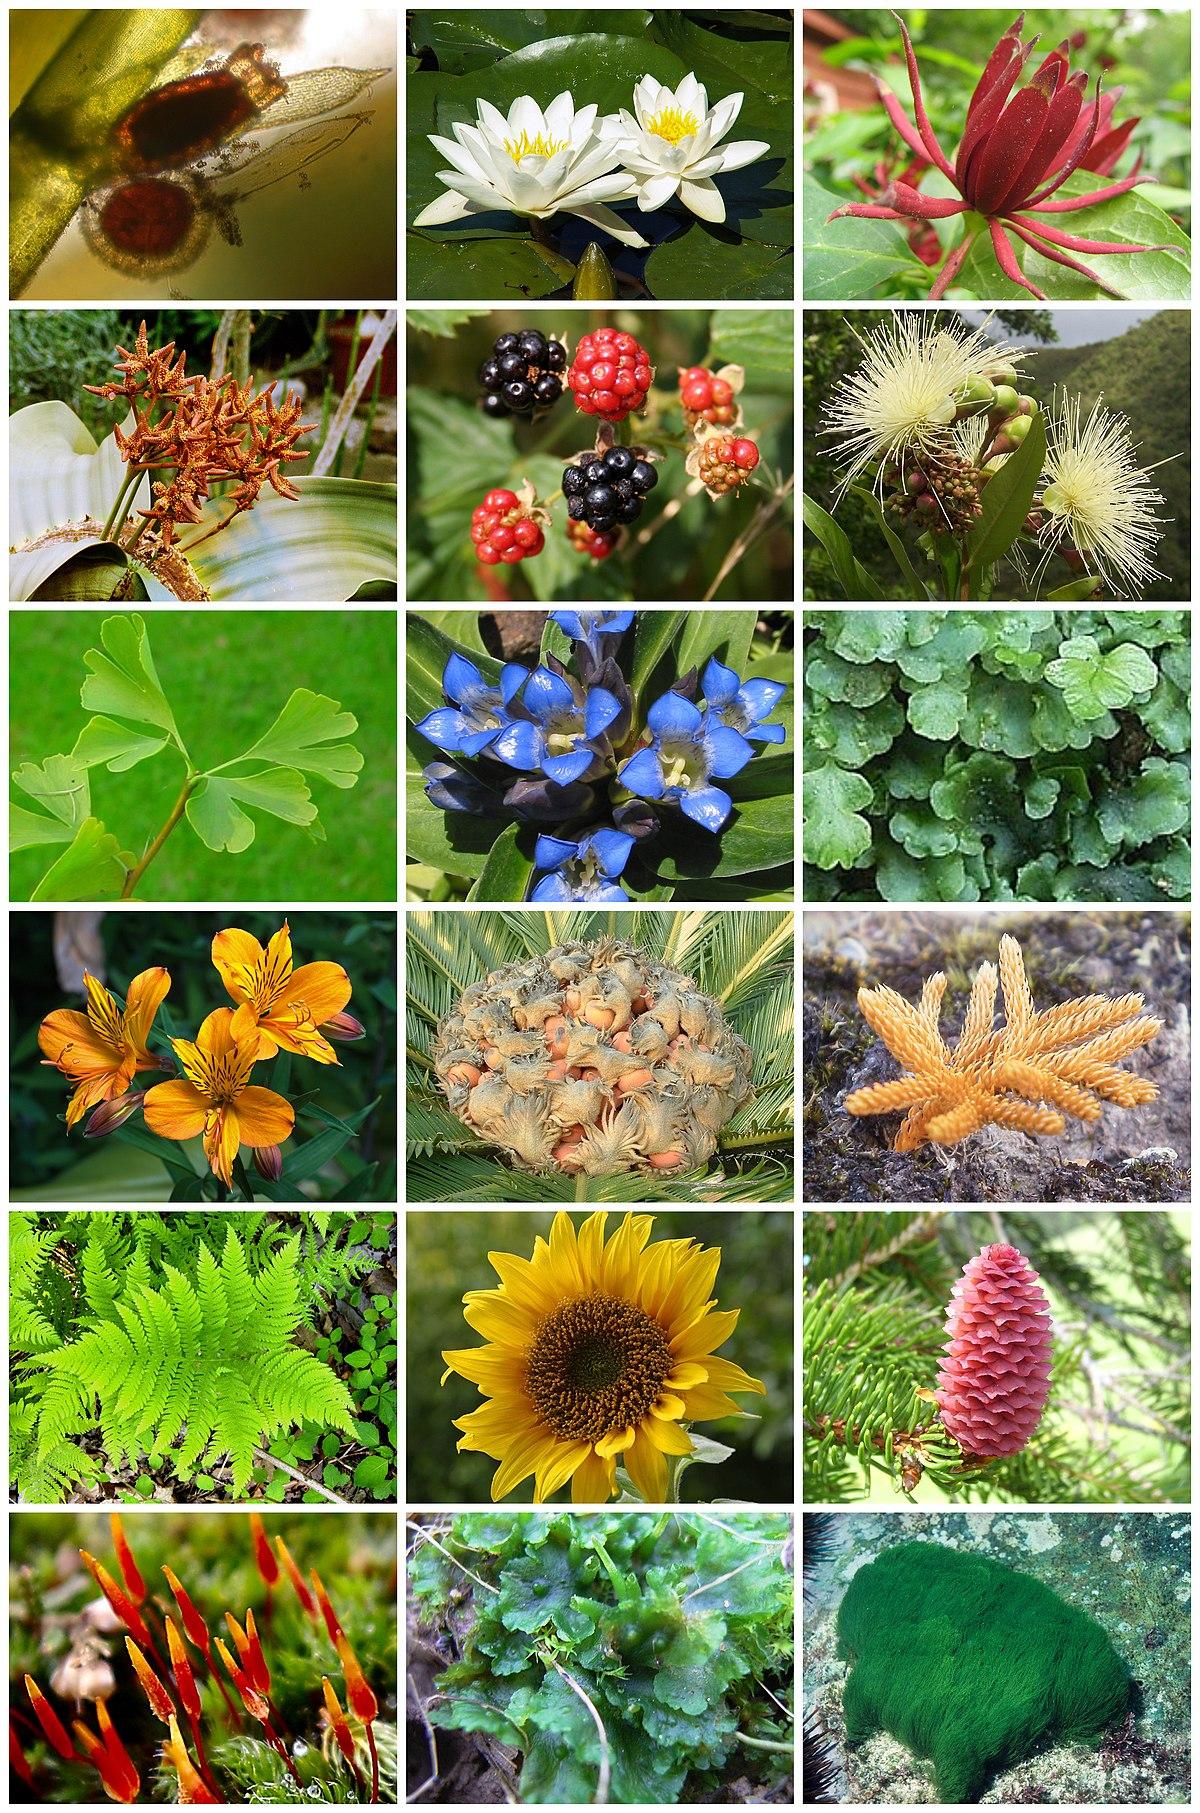 Klasifikasi Plantae : klasifikasi, plantae, Tumbuhan, Wikipedia, Bahasa, Indonesia,, Ensiklopedia, Bebas